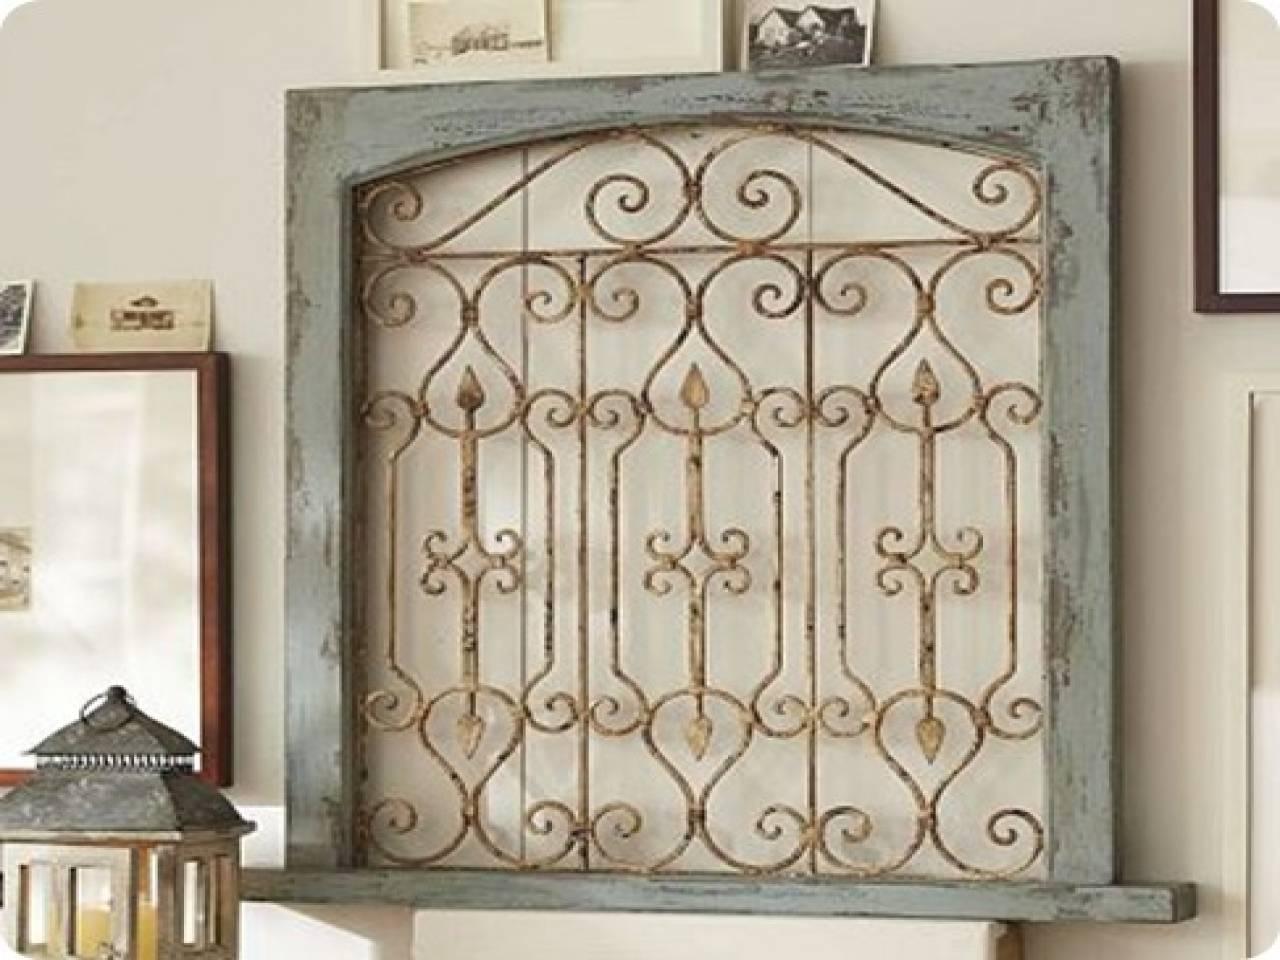 Attrayant Wall Art Designs: Kirklands Wall Art Garden Gate Wall Decor Iron Regarding  Best And Newest